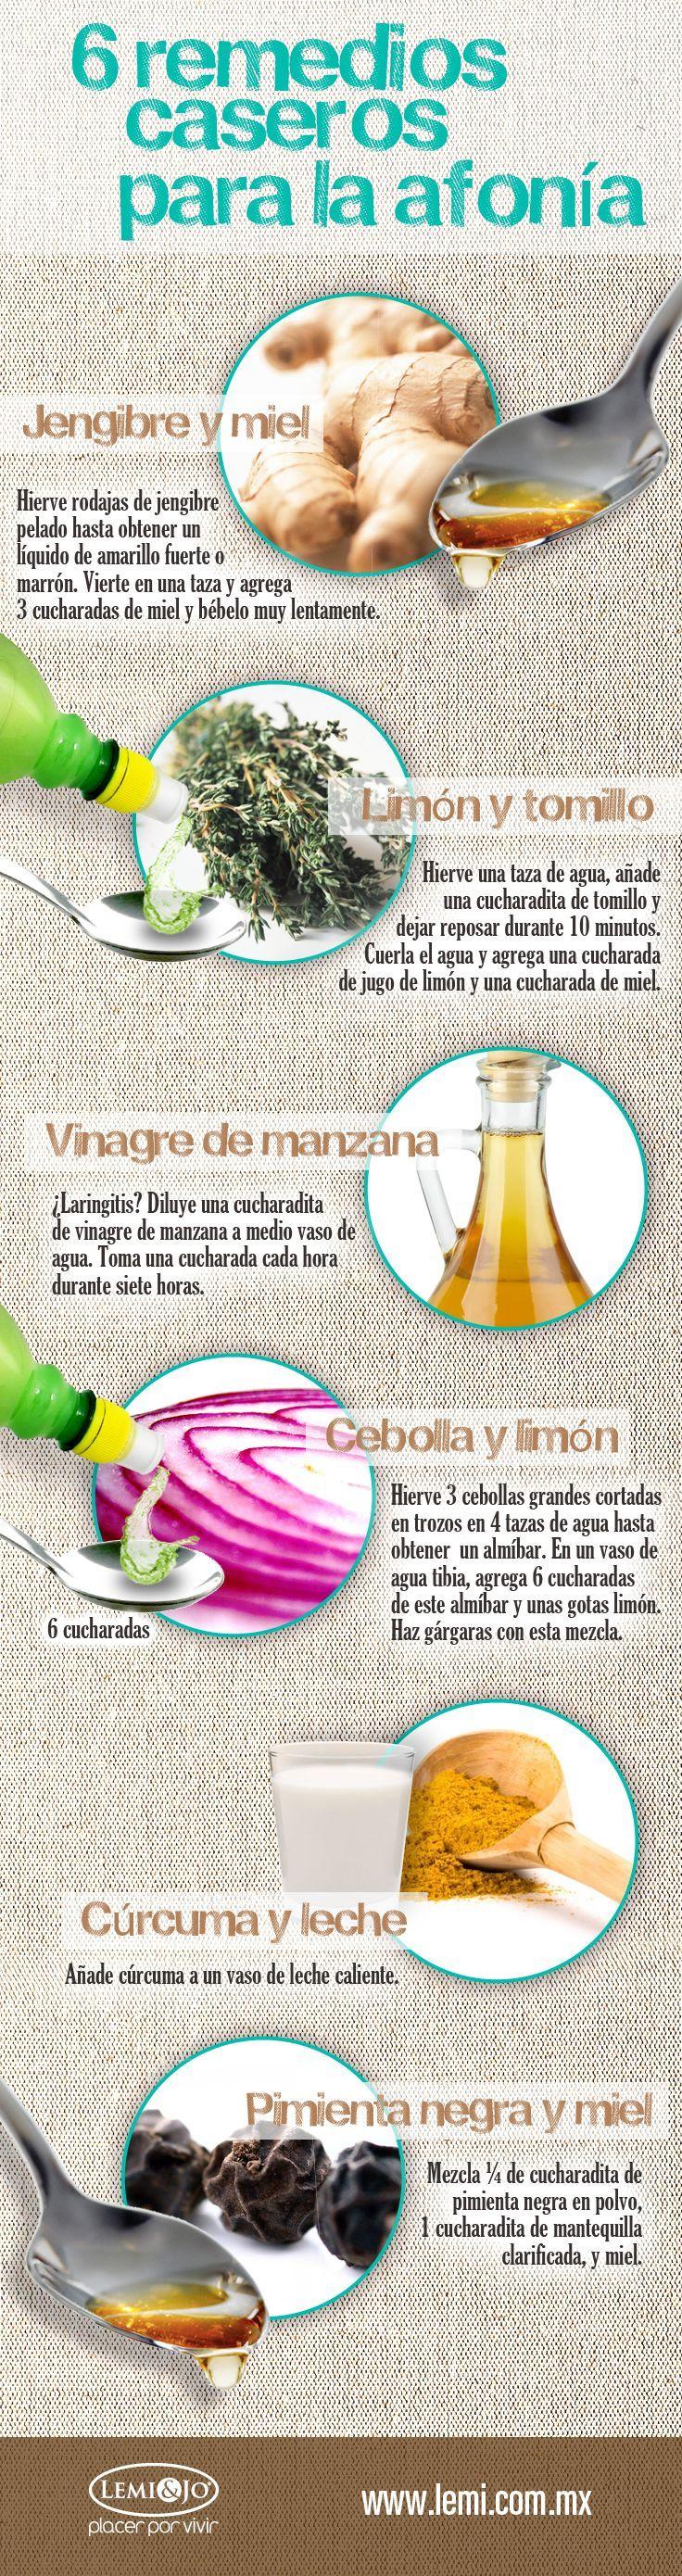 Como Curar La Afonia 6 remedios caseros para la afonía. #infografia #salud